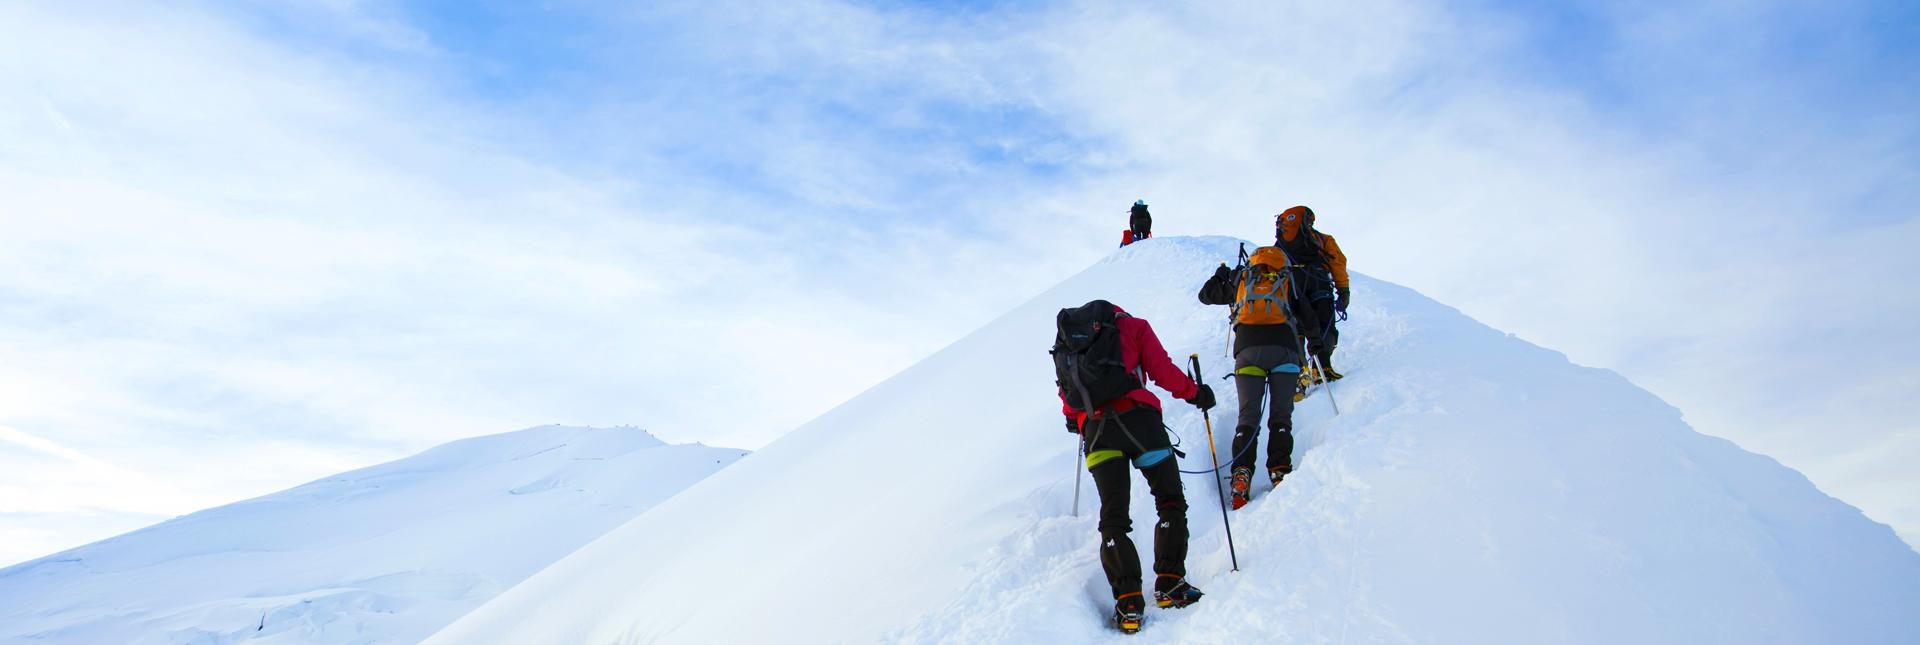 Ascending Mont Blanc